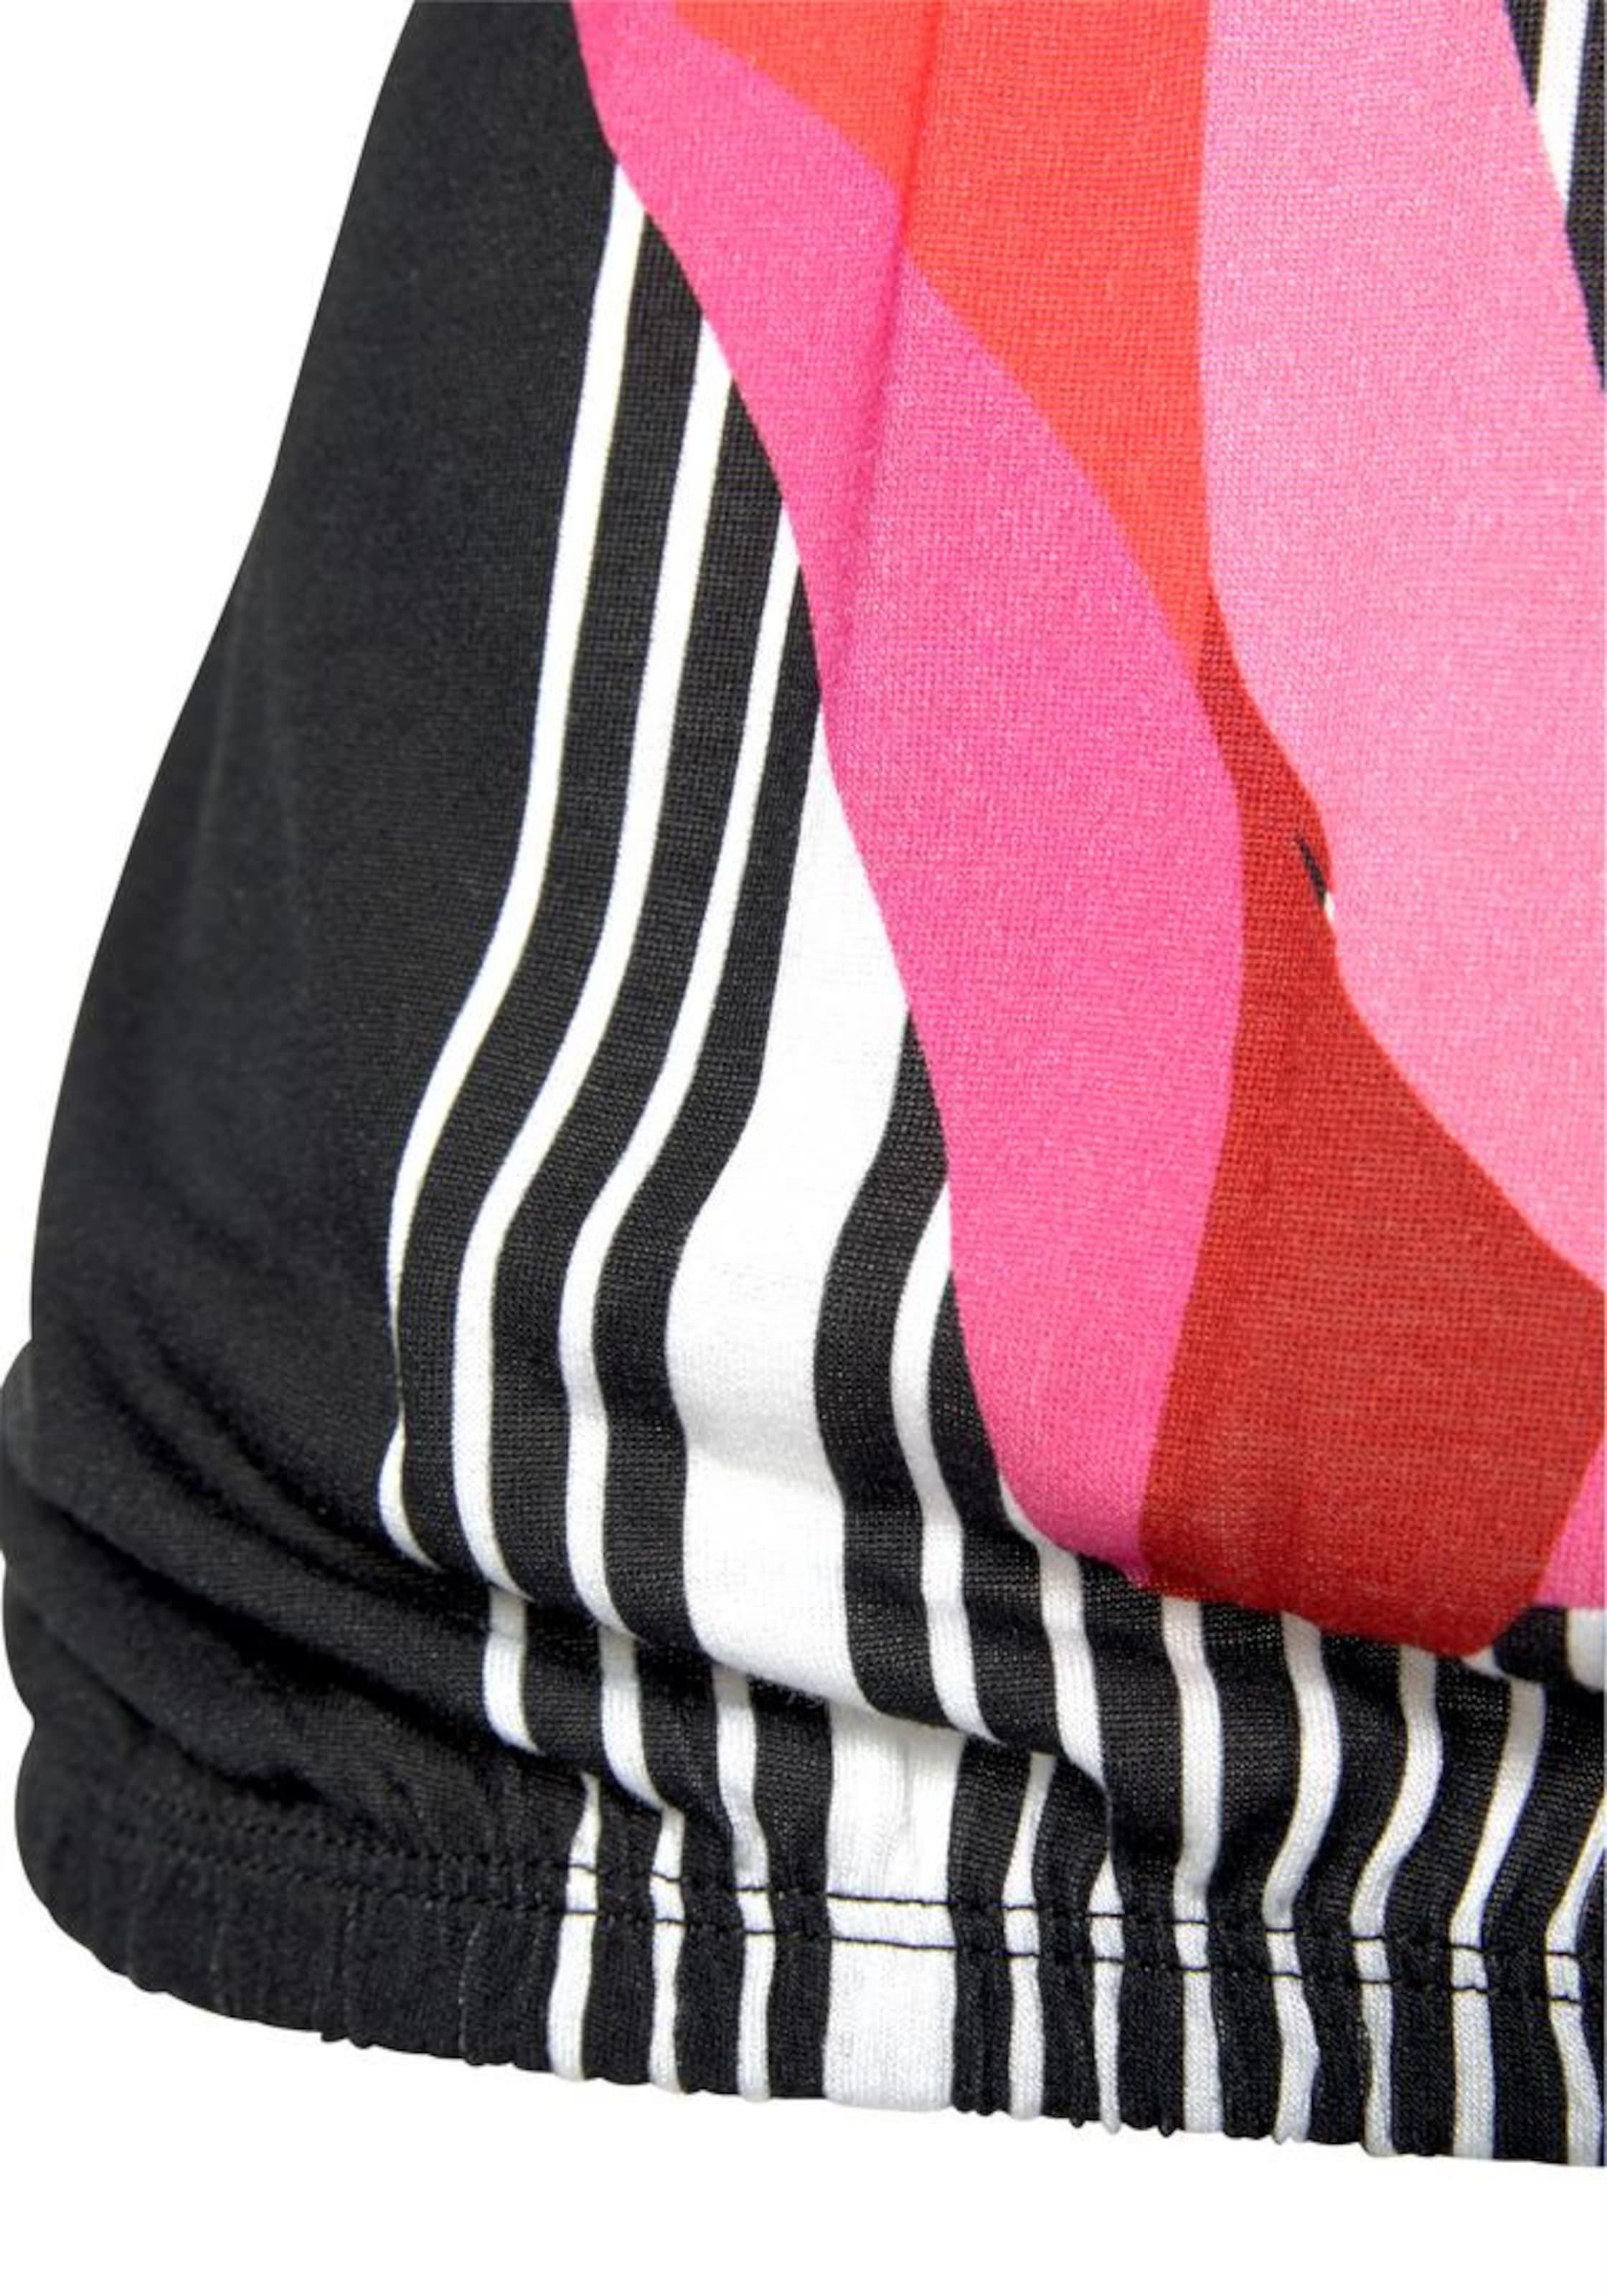 Lascana MischfarbenSchwarz In Strandshirt In Strandshirt In MischfarbenSchwarz Strandshirt MischfarbenSchwarz In Lascana Strandshirt Lascana Lascana byImf6Y7gv